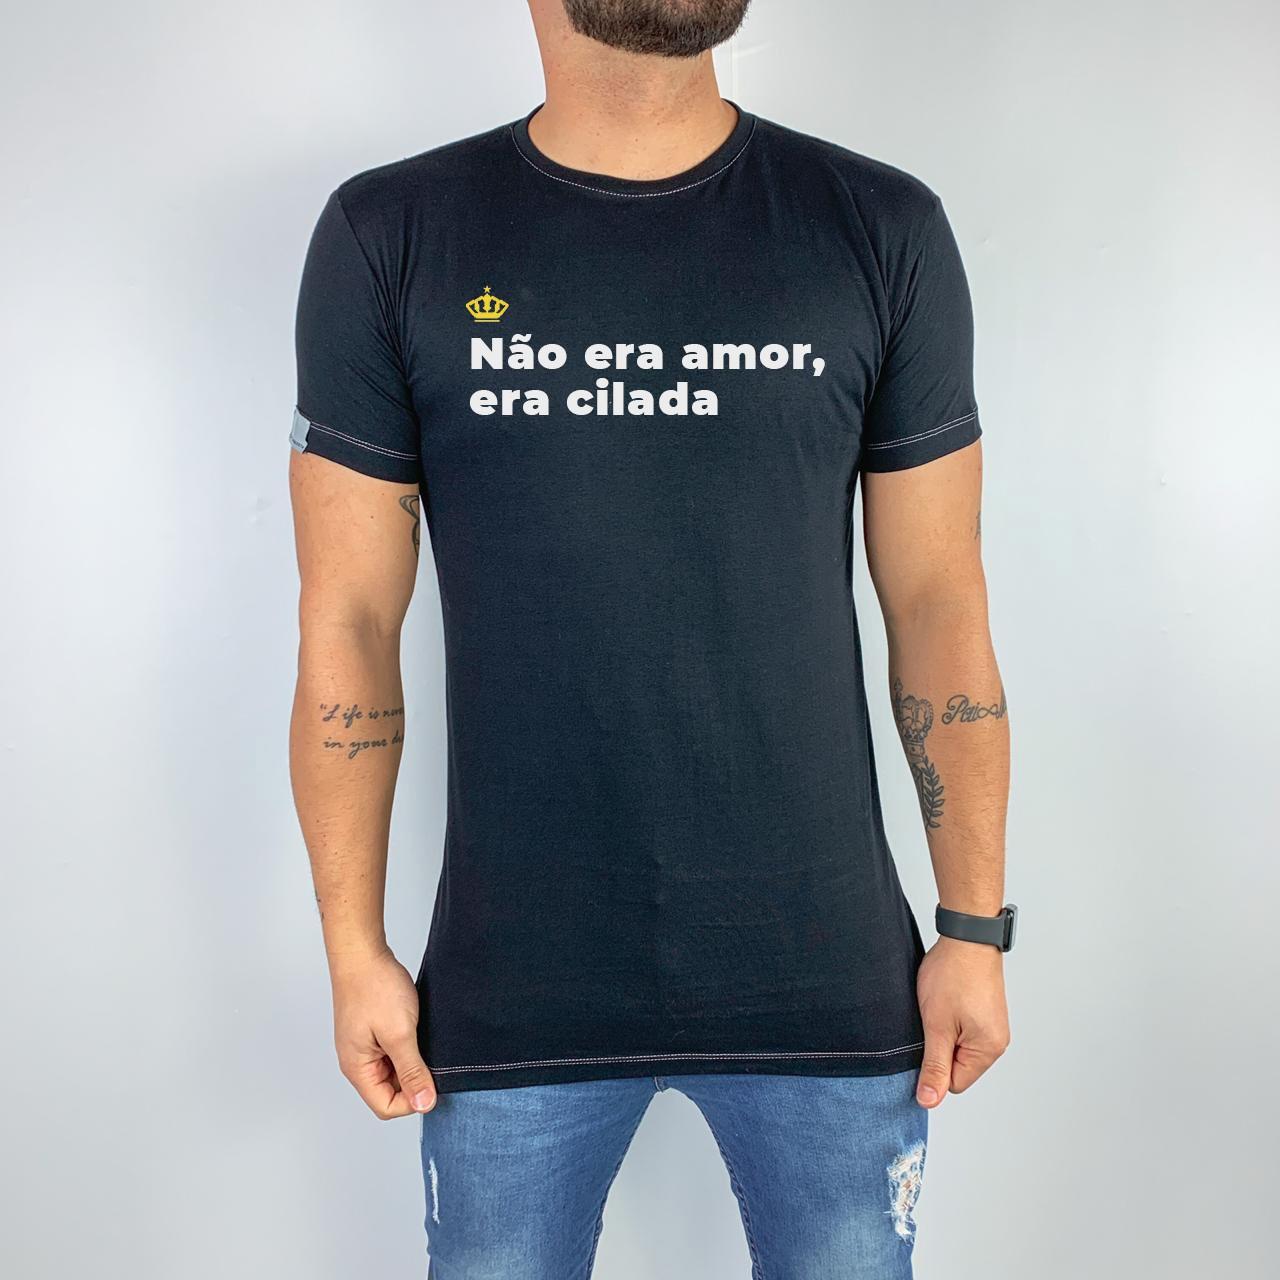 Camiseta Não era amor, era cilada 2020